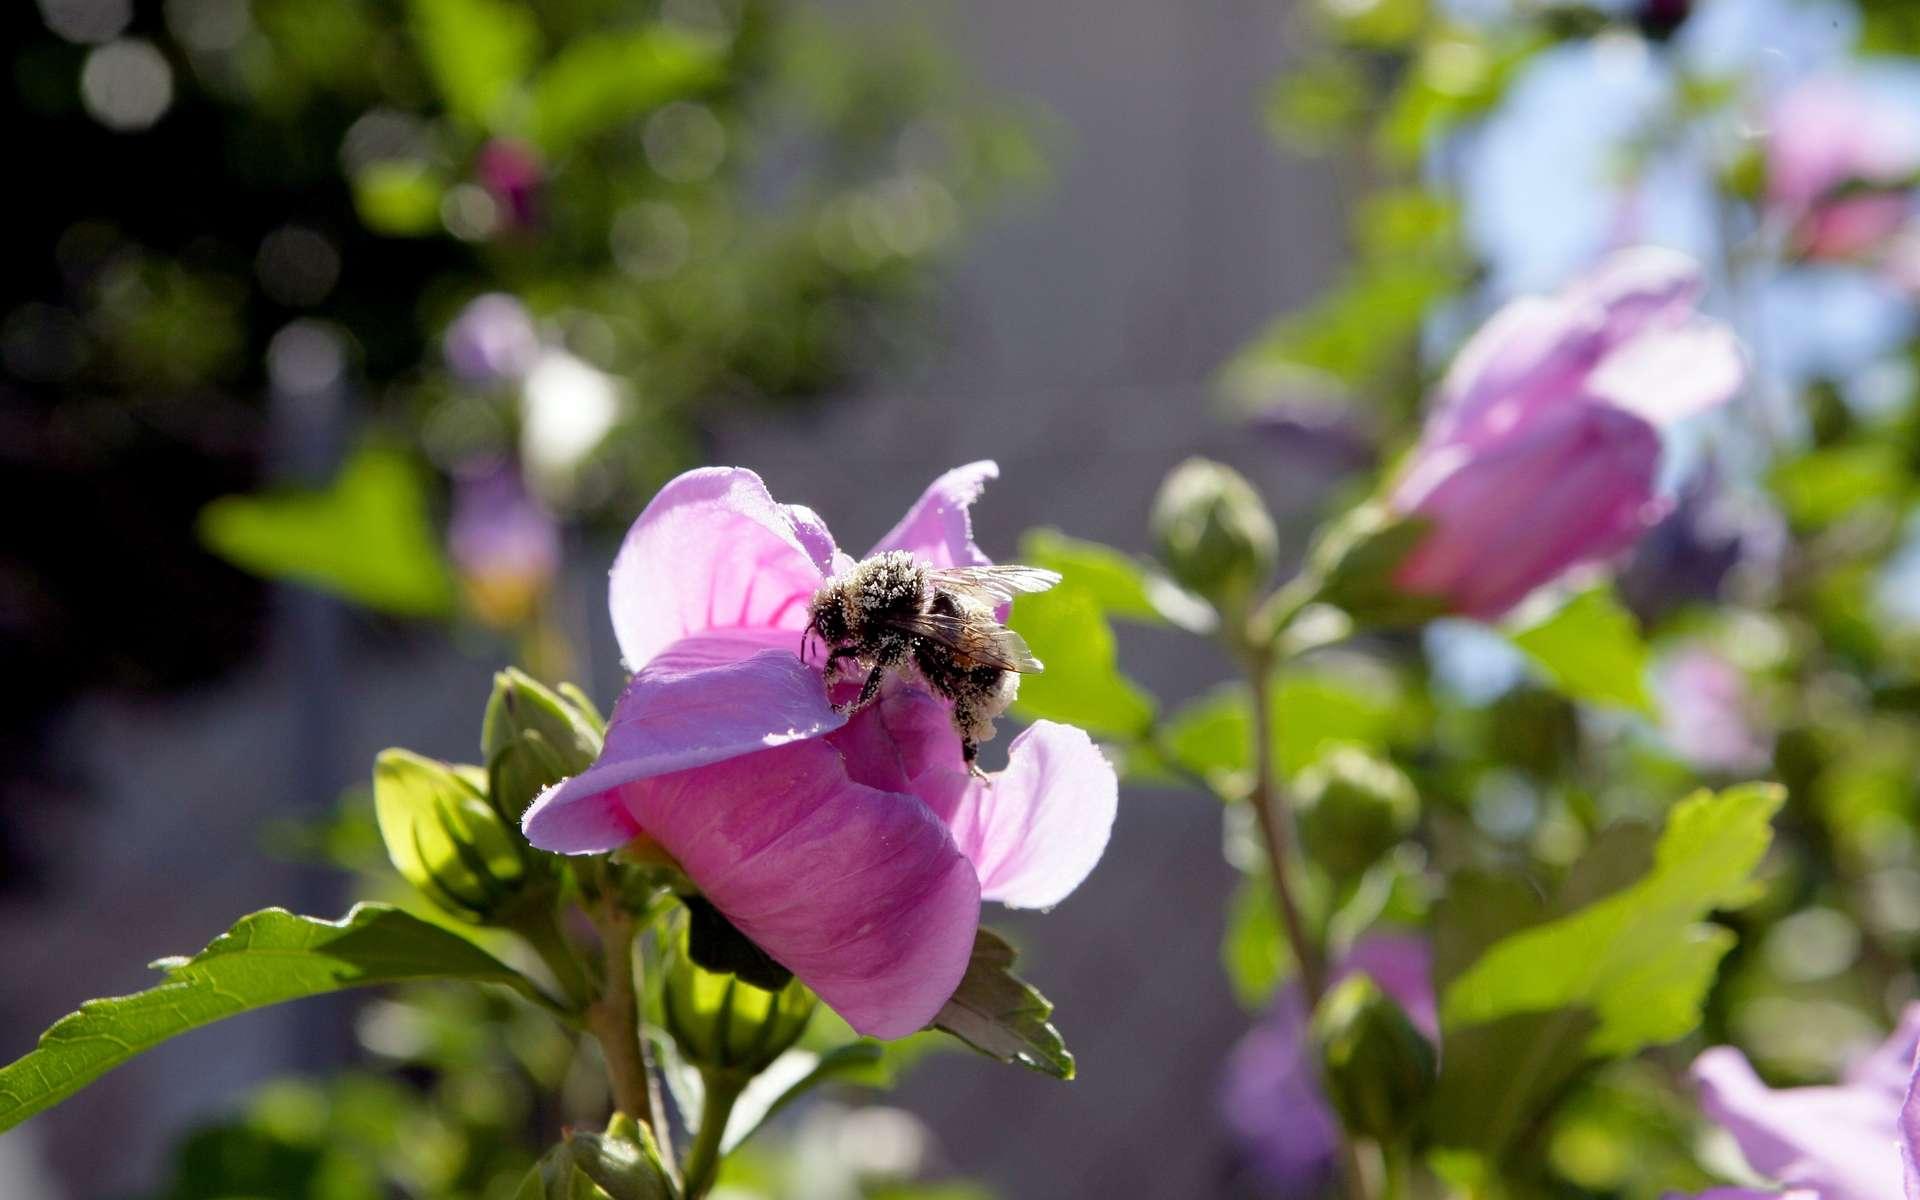 L'entomophobie est la peur intense et irrépressible des petits insectes. © Phovoir